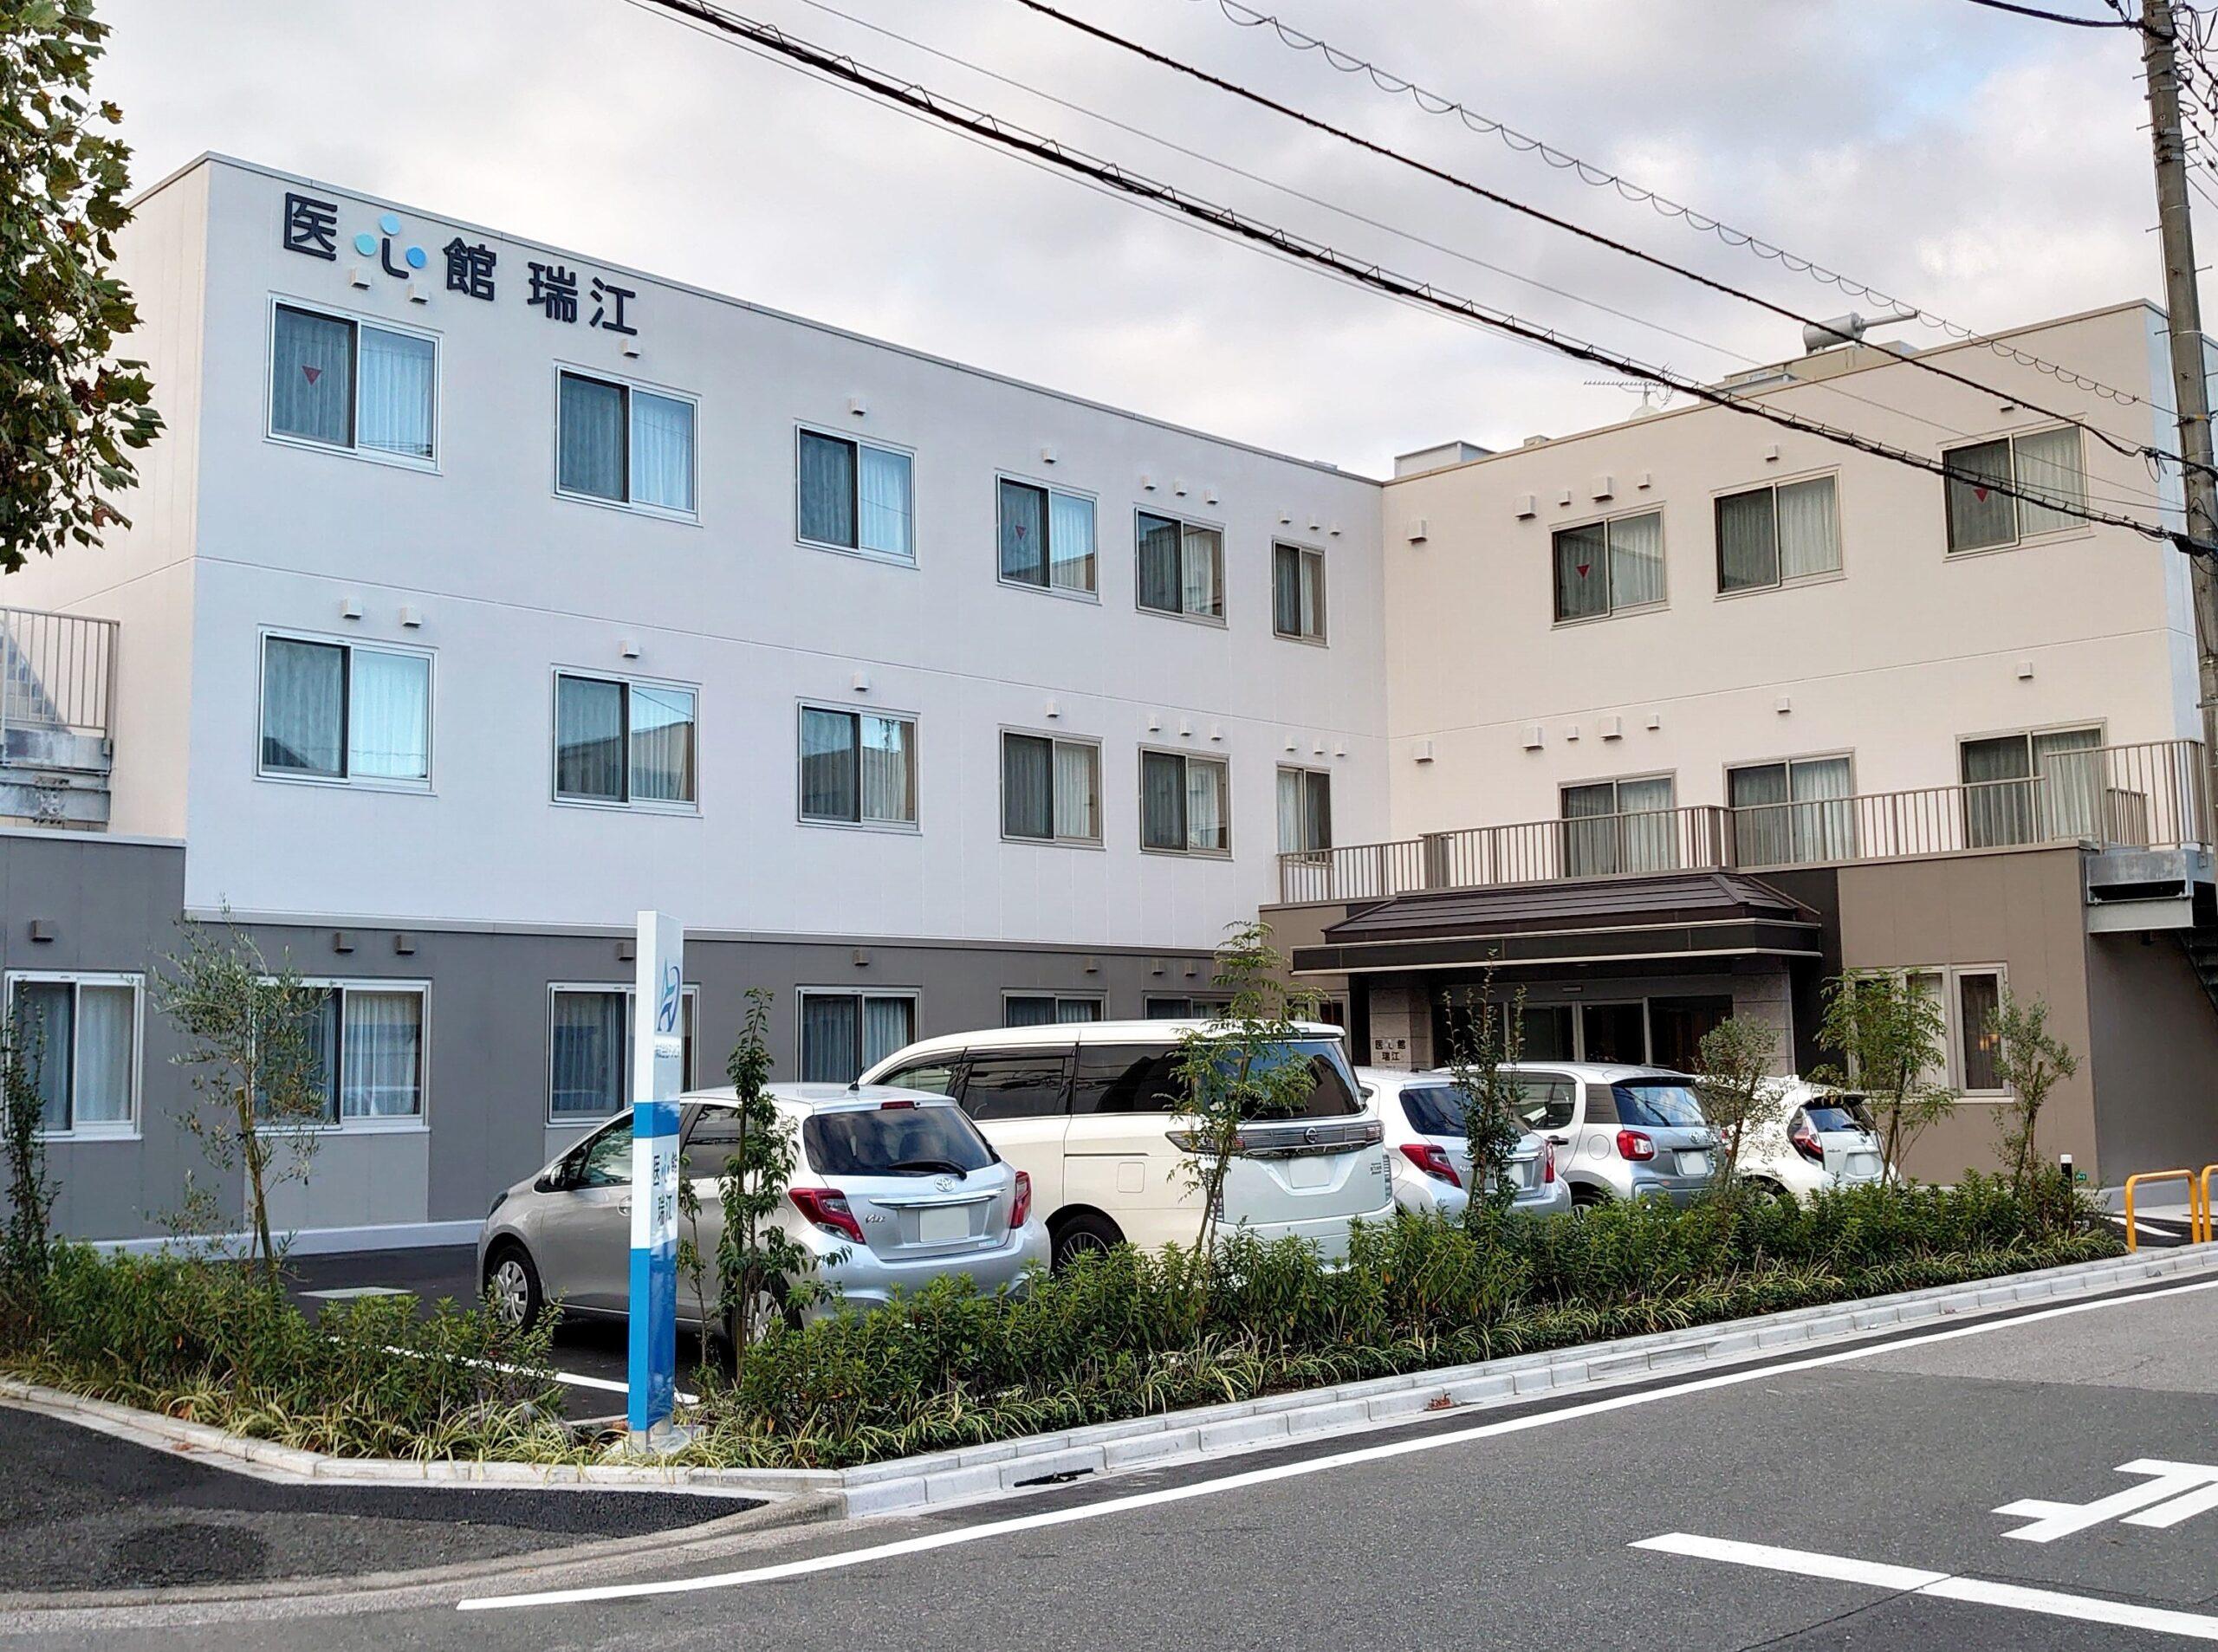 東京都では4施設目となる有料老人ホーム「医心館 瑞江」をオープンしました